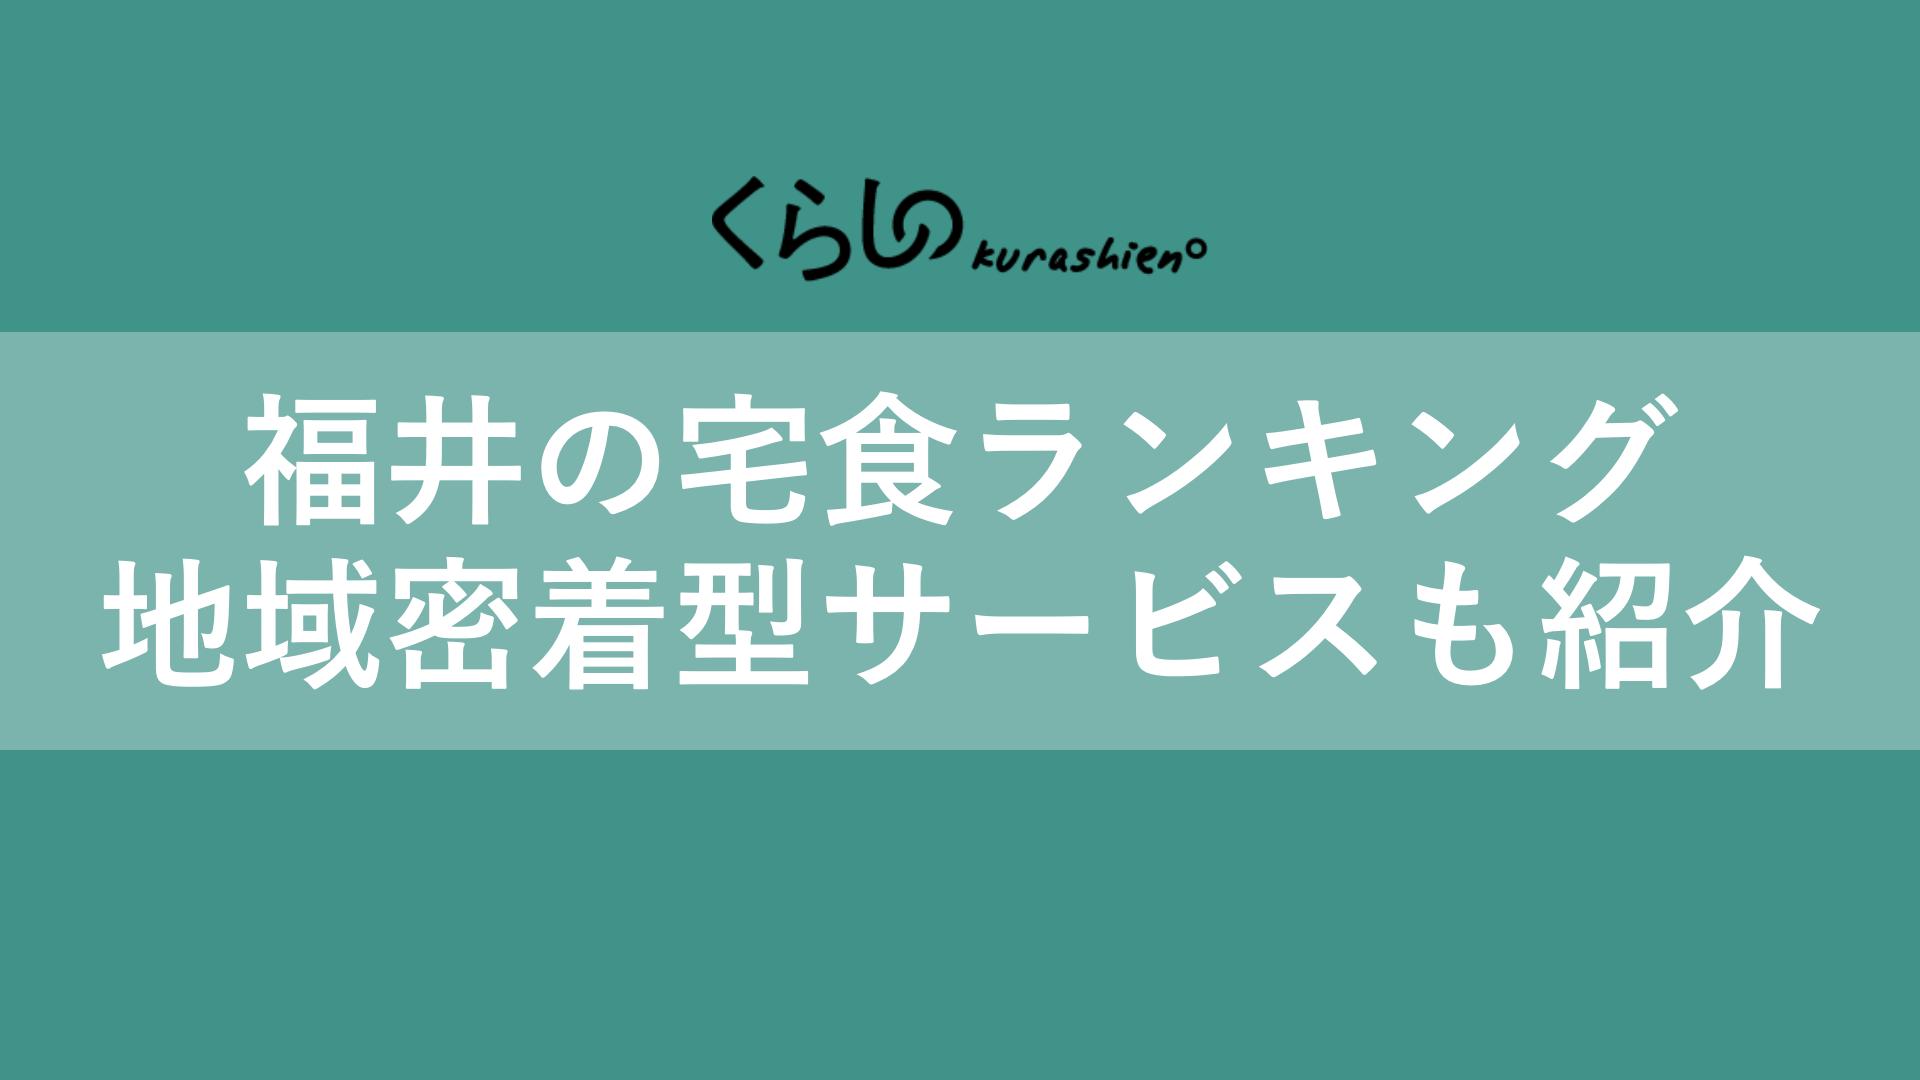 福井県の宅食サービス・宅配弁当おすすめランキング!地域密着型サービスも紹介